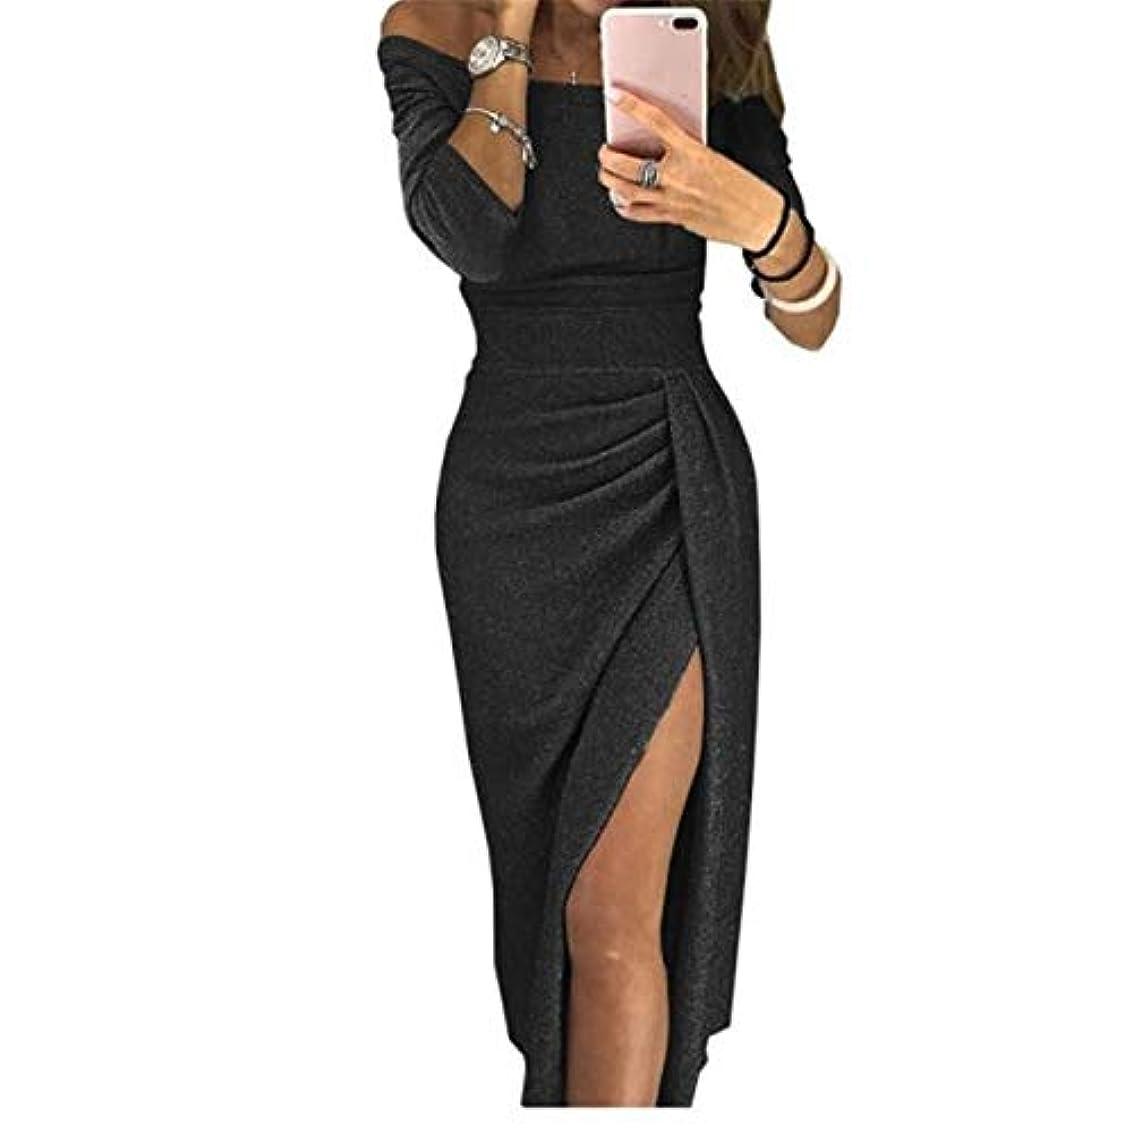 報いる抜け目のないOnderroa - 夏の女性のドレスはネックパッケージヒップスプリットセクシーなスパンコールのドレスレディース包帯パーティーナイトクラブミッドカーフ服装スラッシュ